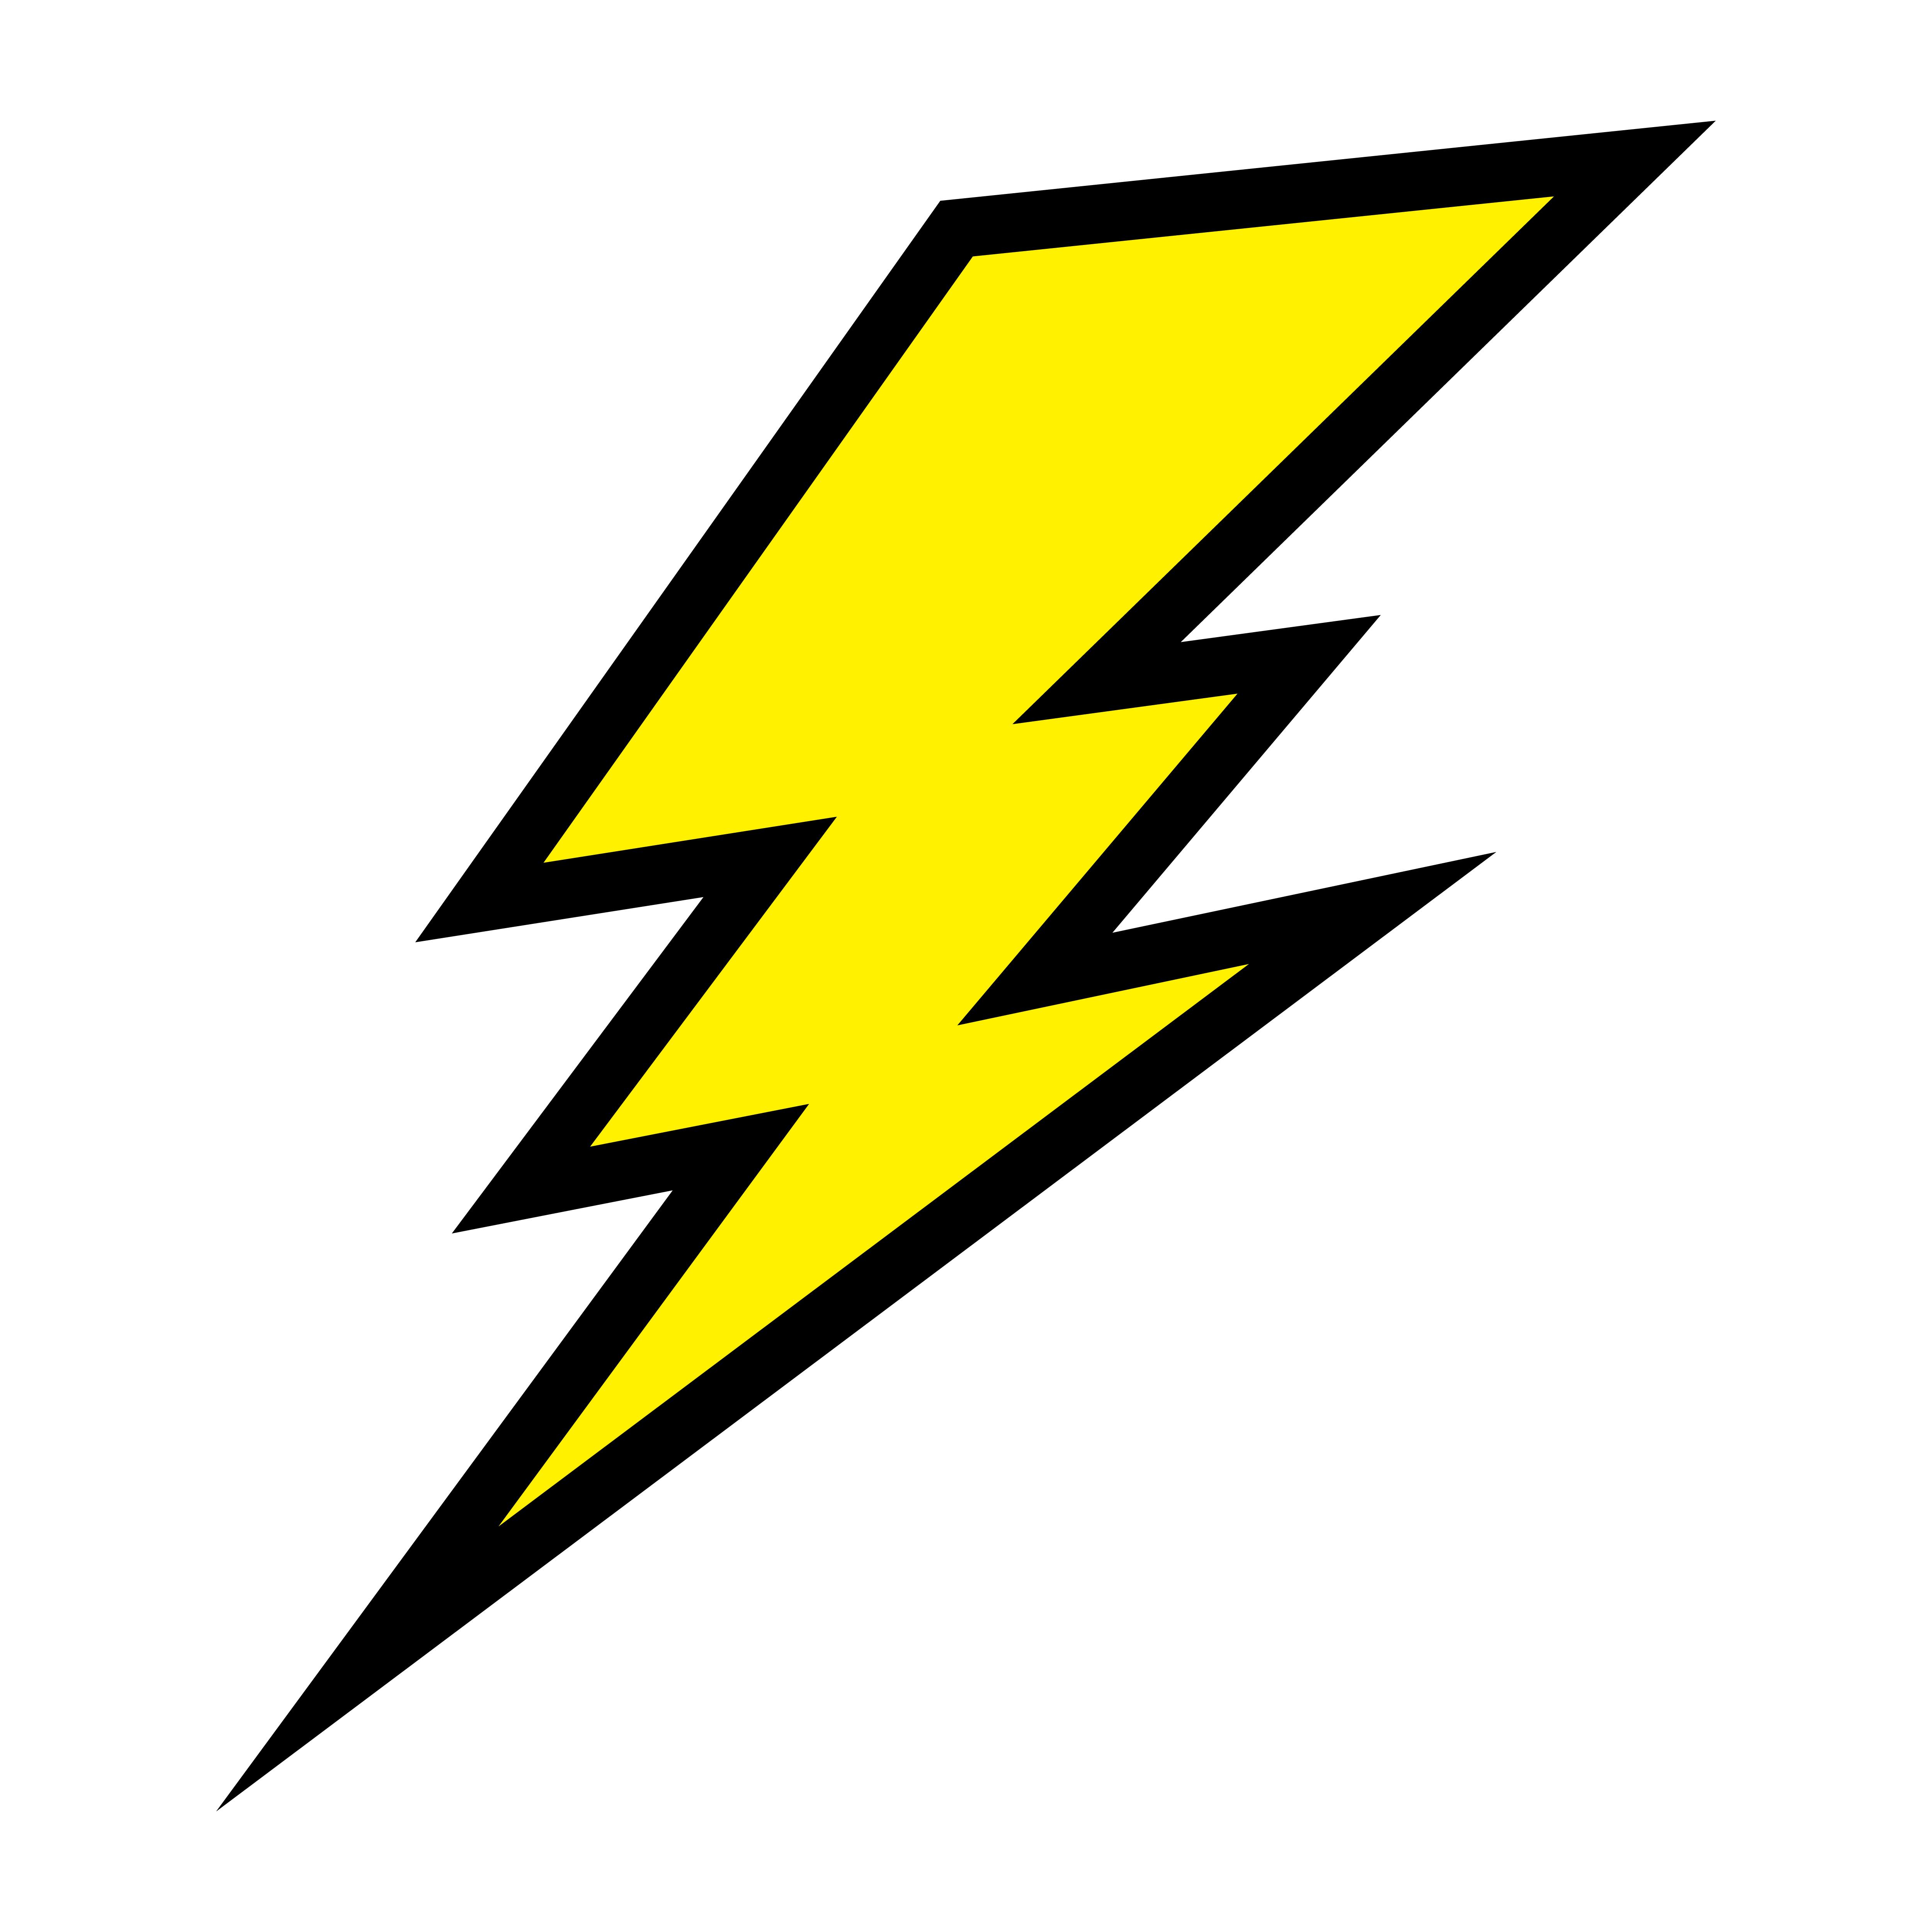 Eclair Electrique Telecharger Vectoriel Gratuit Clipart